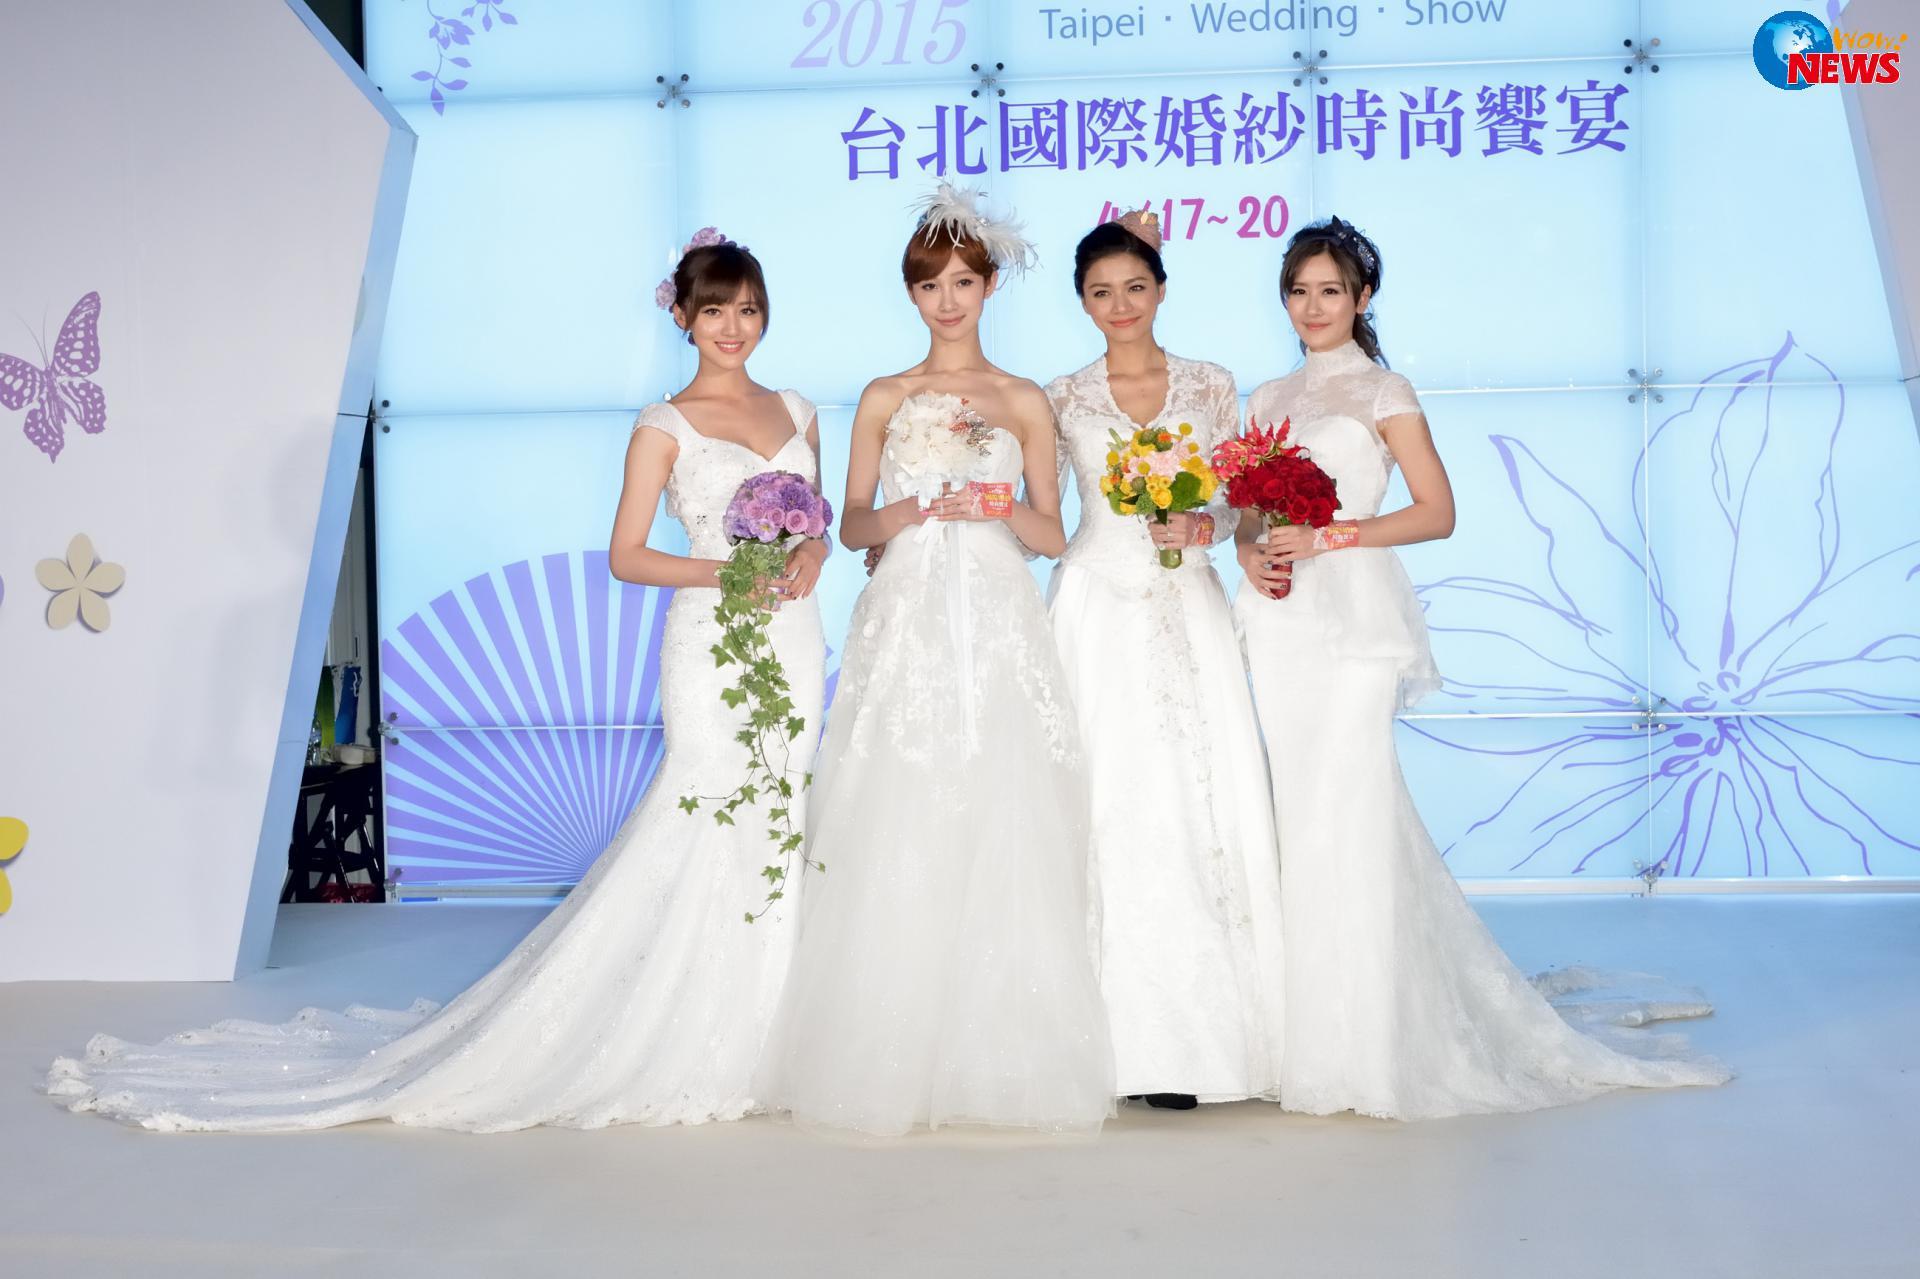 「微女神」披百万嫁纱走秀 梁以辰向往海岛婚礼想拍裸体婚纱照